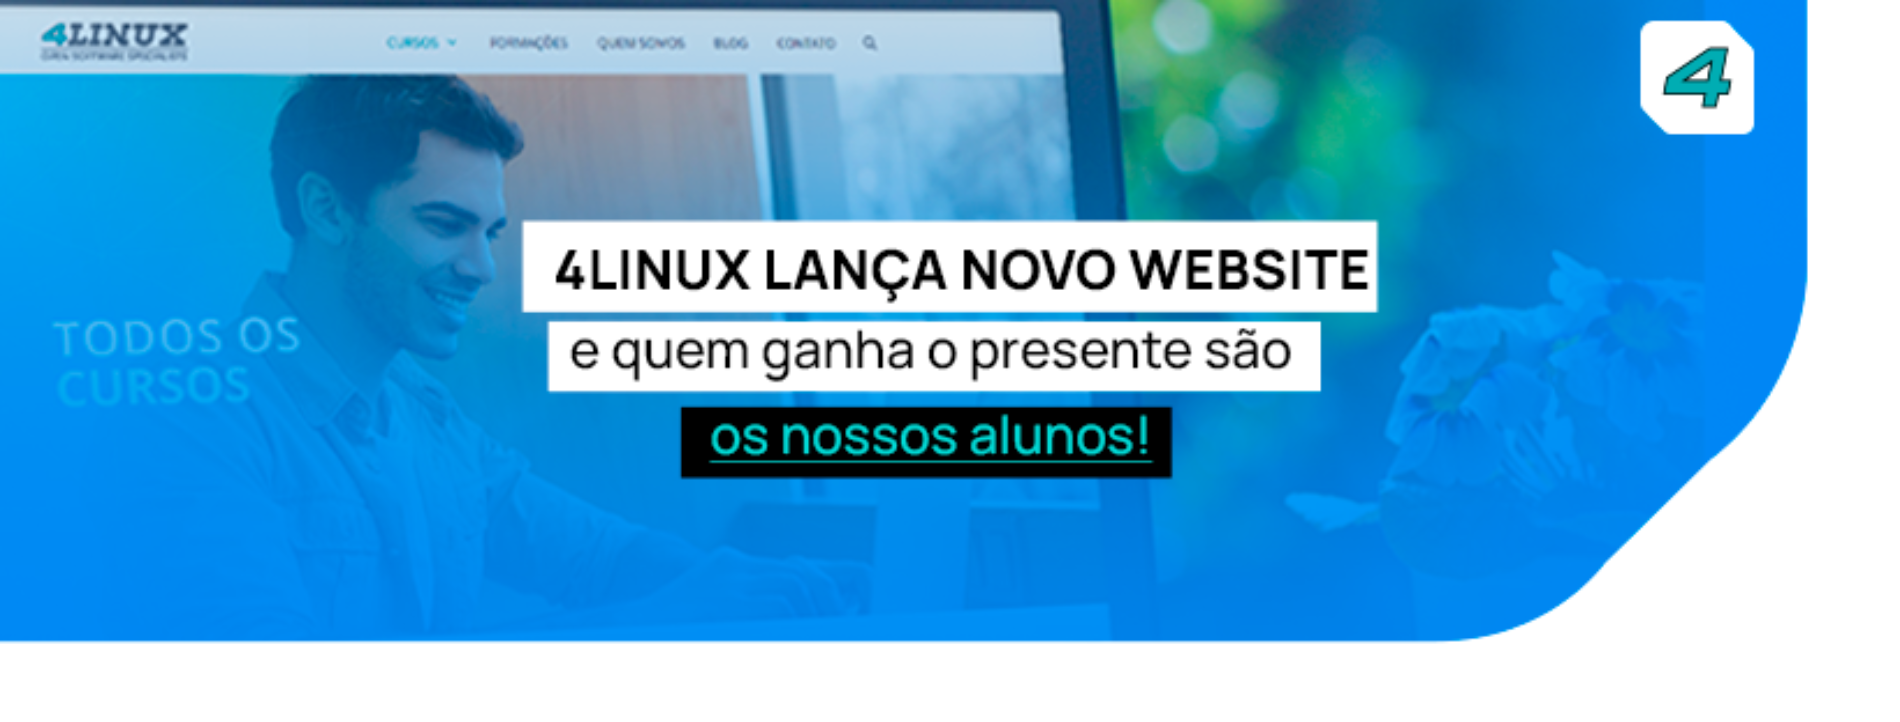 4Linux lança novo website e quem ganha o presente são os nossos alunos!